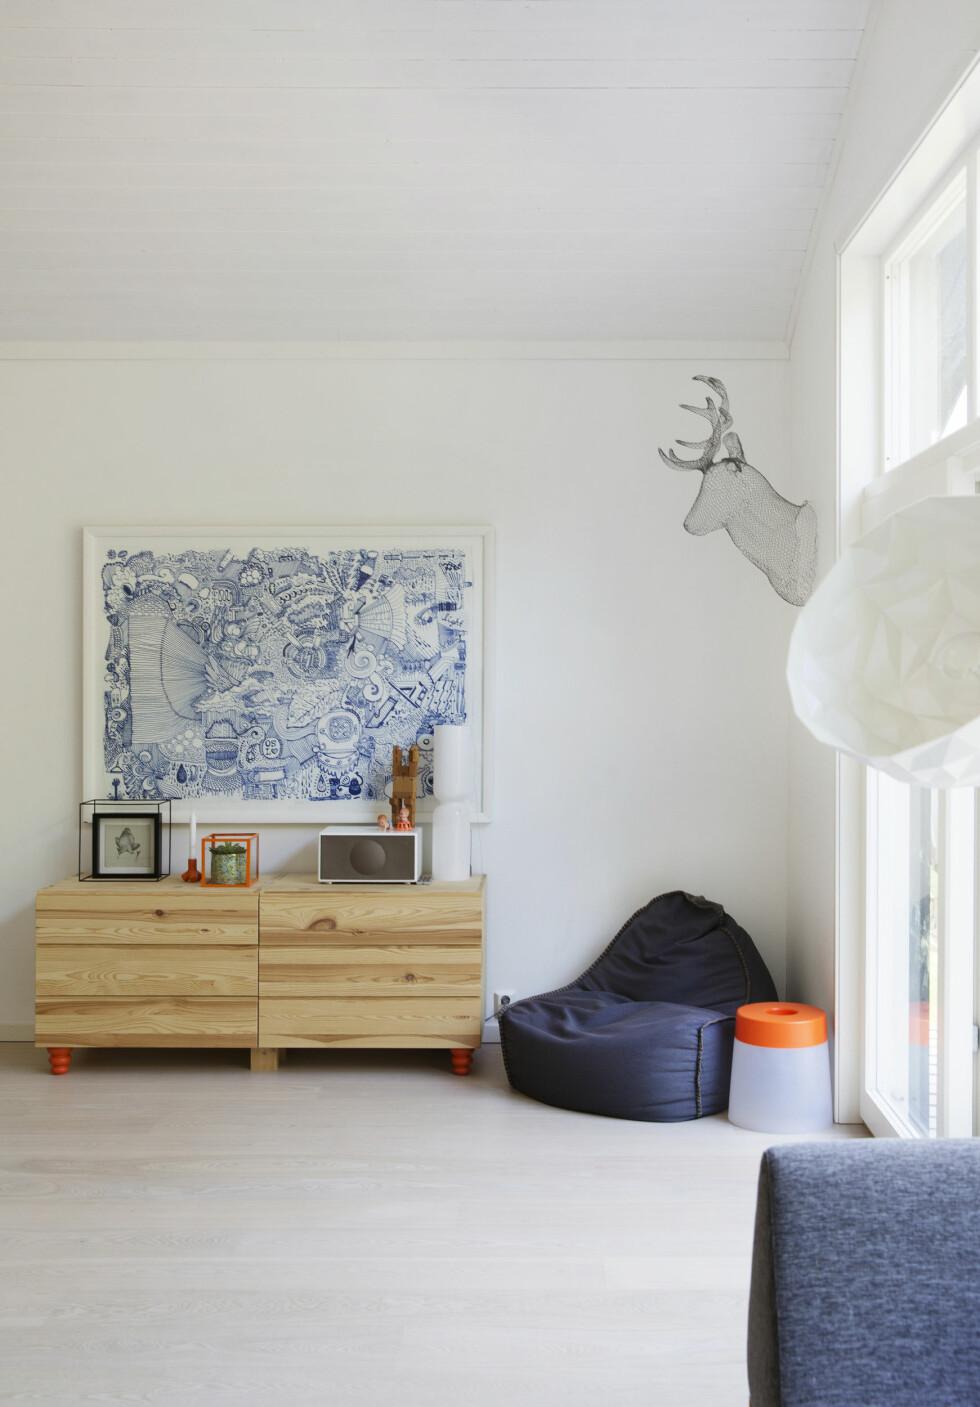 SPESIELT MALERI: Maleriet på veggen er egentlig en kulepenntegning på en bitteliten lapp som er blåst opp. — Det er ment som en kjærlighetserklæring til Oslo, og ble fullført etter 22.juli, forteller Siri. Kunstneren heter Mattis Bentzen. Hjortehode i hønsenetting fra Escobar, skapene er Ikeas billigste; Ivar med nye bein fra Prettypegs. Det oransje ved siden av stolen er en oppladbar lampe fra Ikea. Foto: Yvonne Wilhelmsen